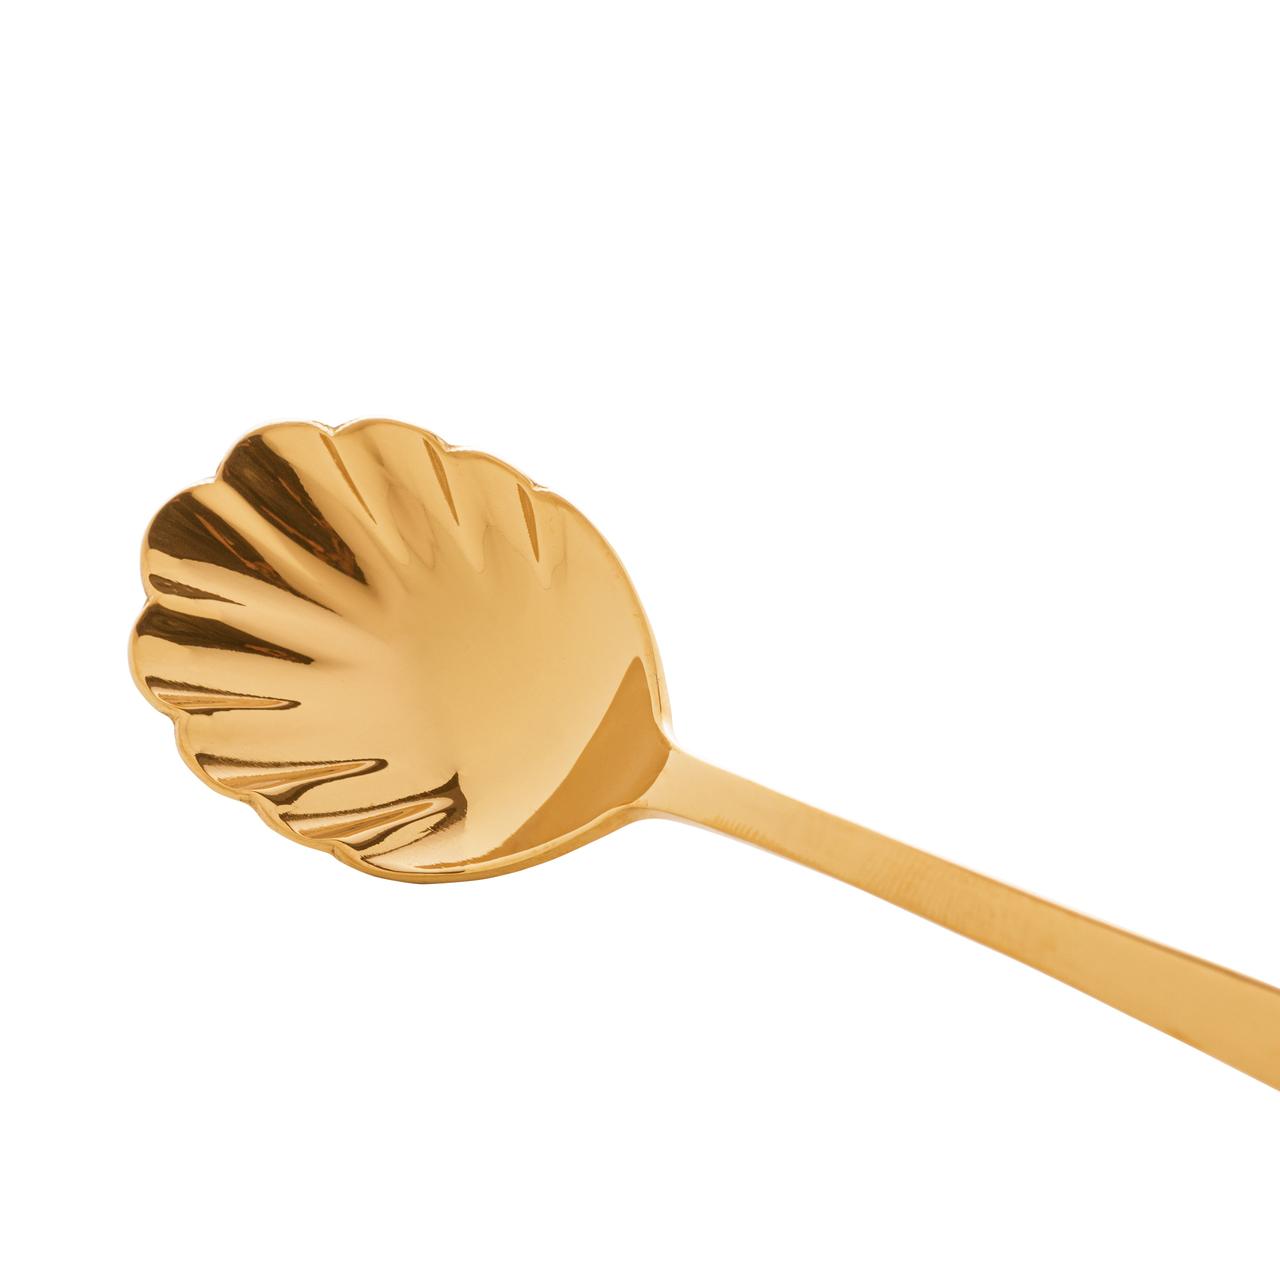 Conjunto 2 Colheres para açúcar de aço inox Berna dourado Wolff - 71705